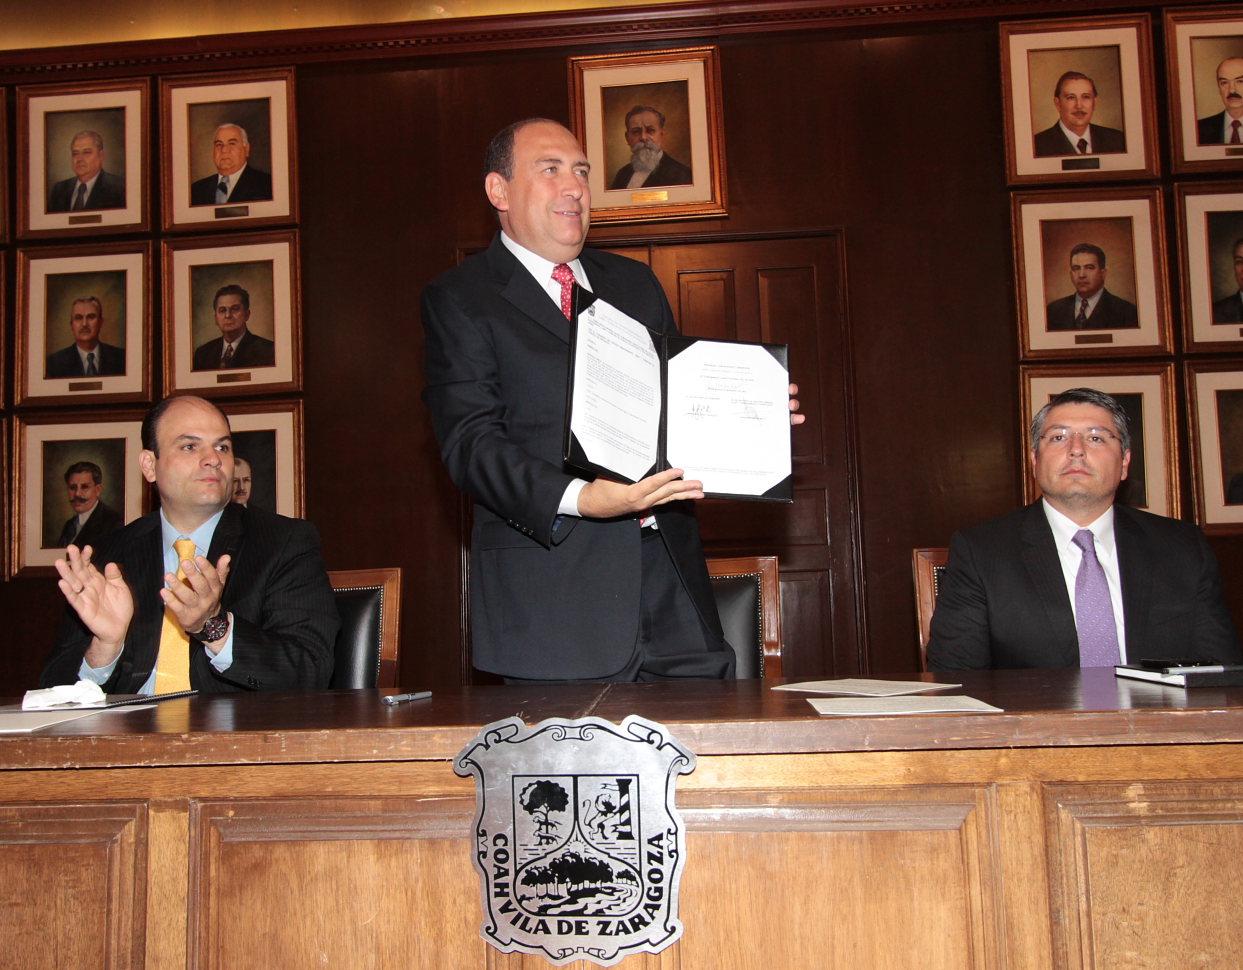 Promulga Rubén Moreira decreto de reforma de ley de asentamientos humanos y desarrollo urbano